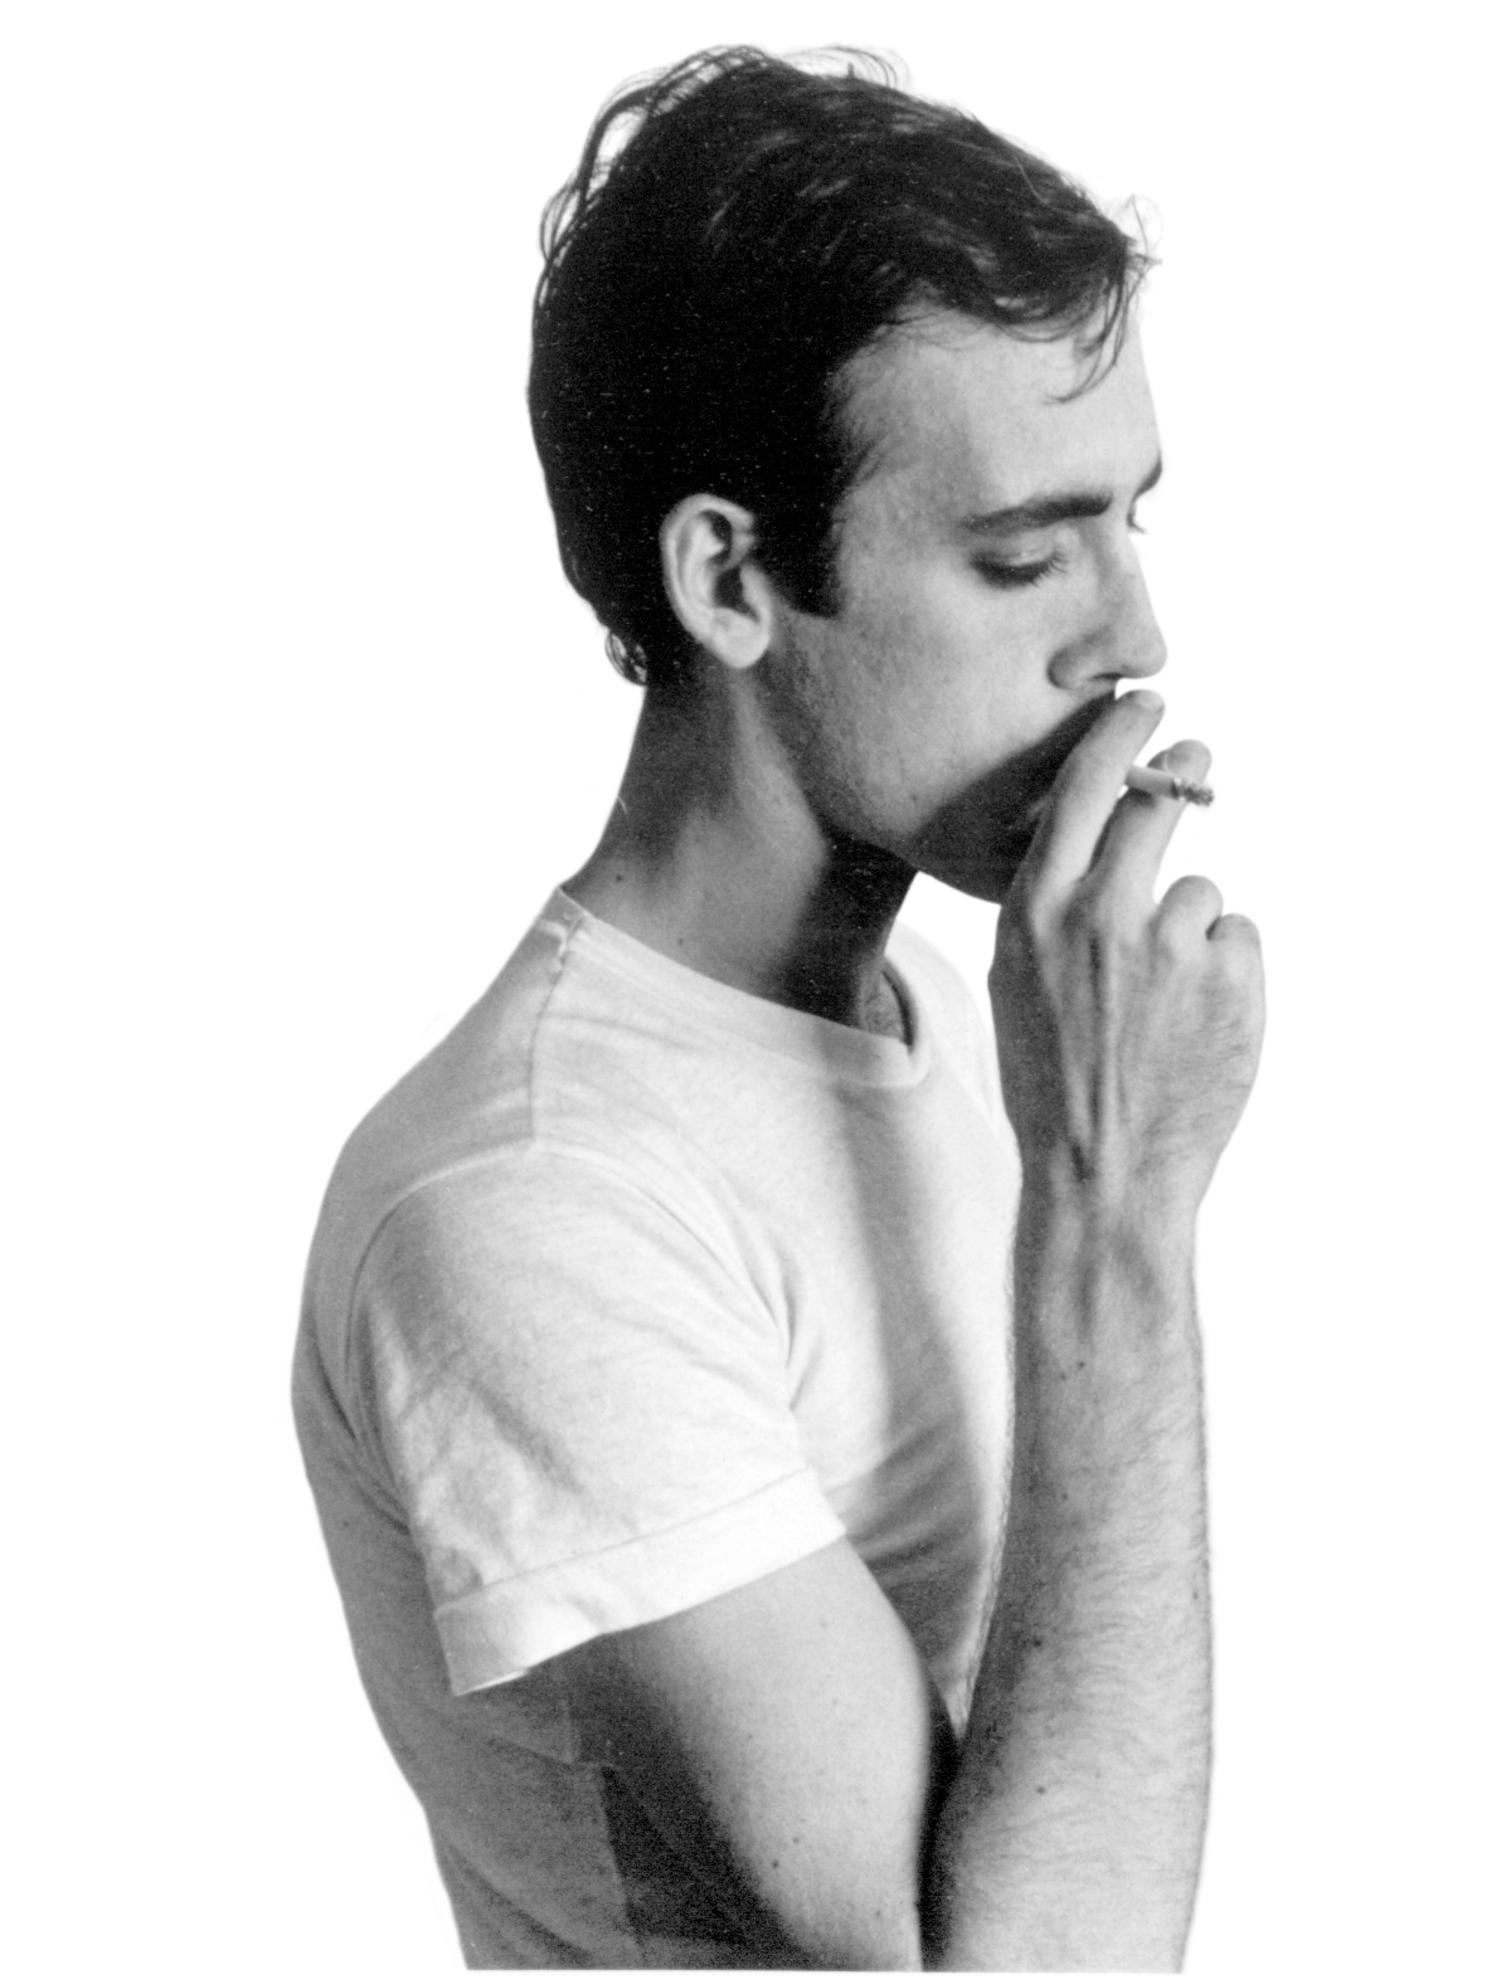 David Wojnarowicz, portrait, NY 1985